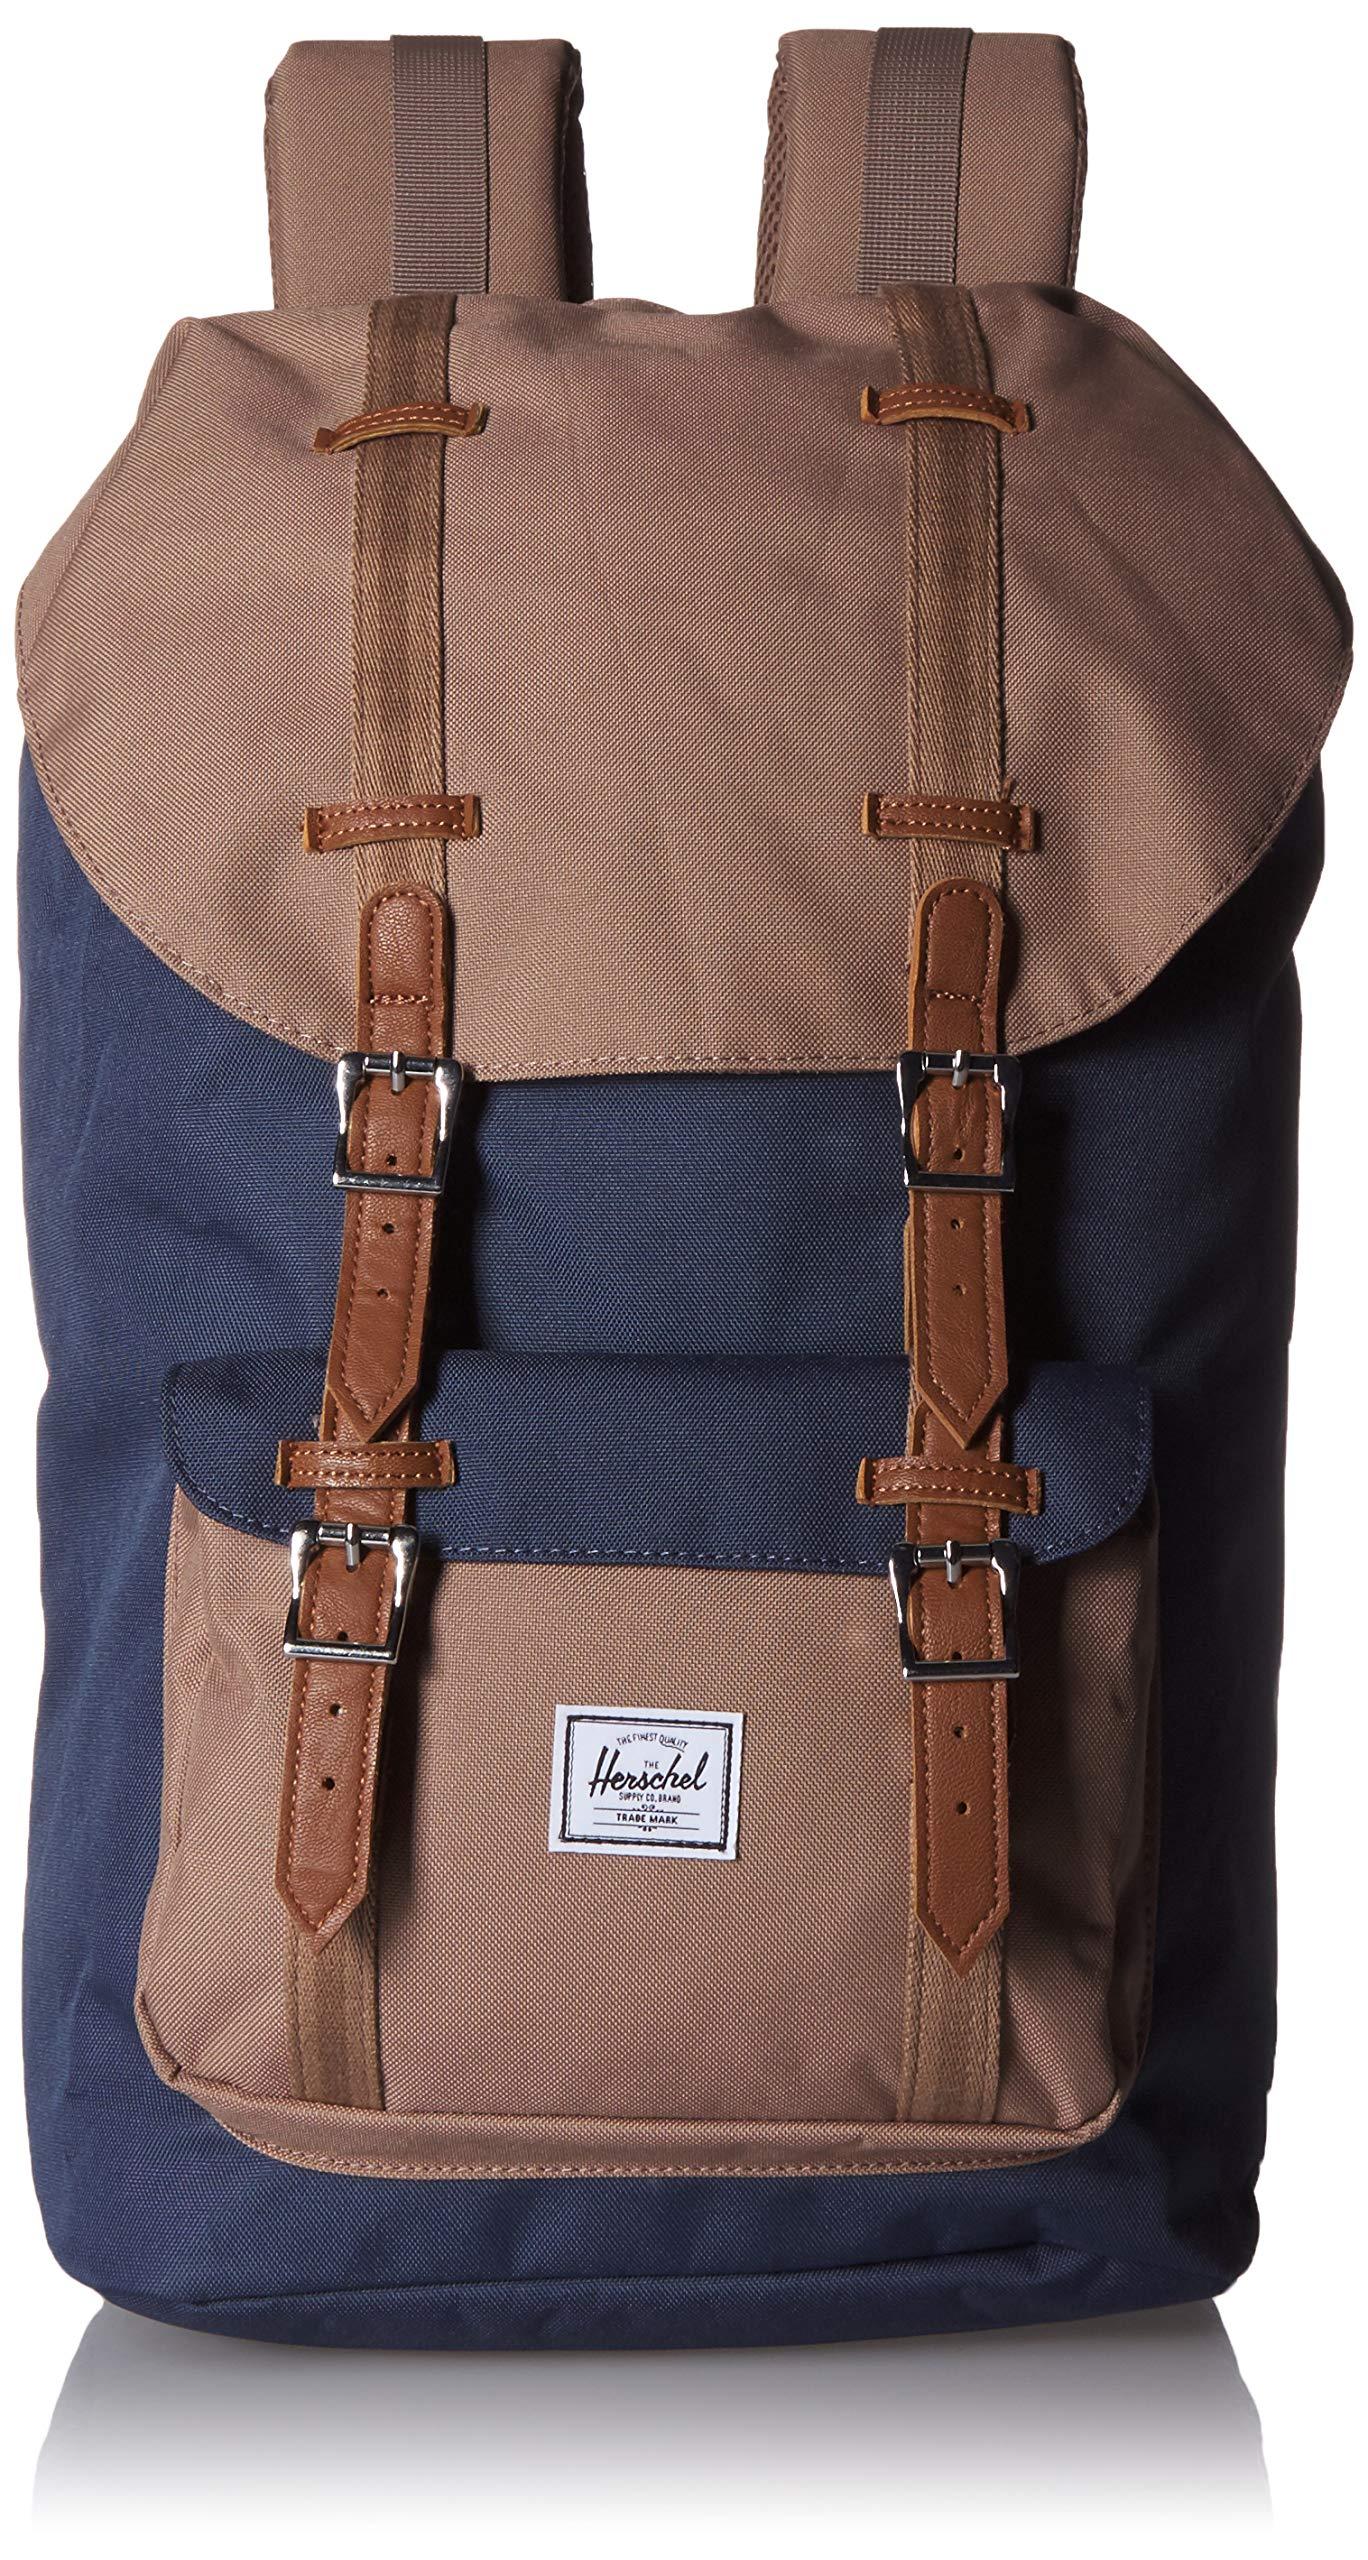 Herschel Little America Backpack, Navy/pine